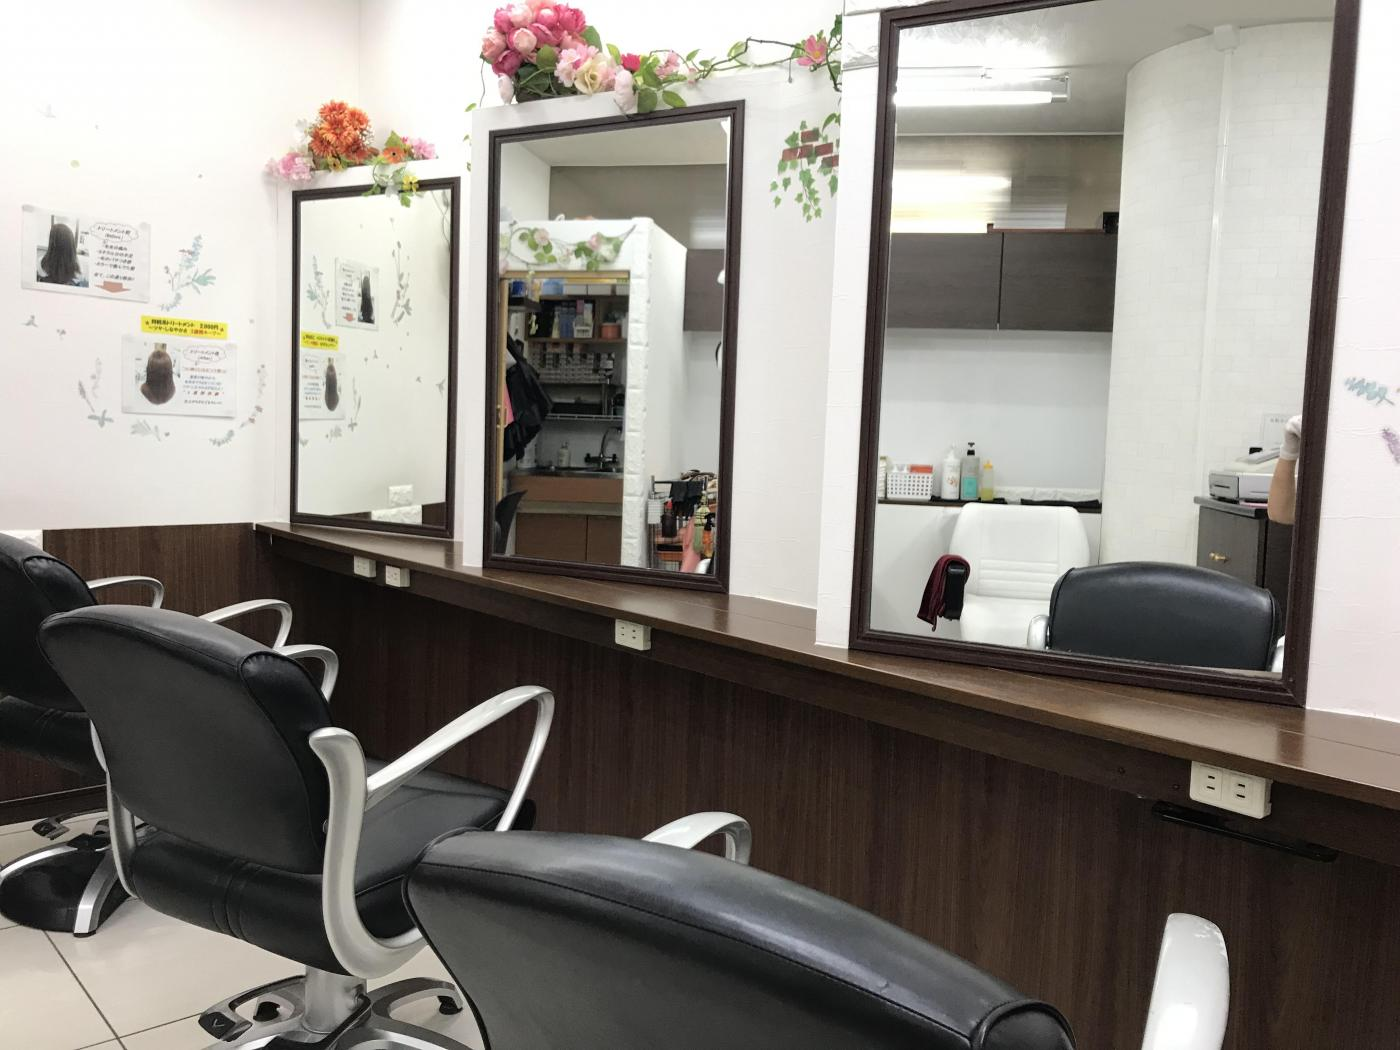 札幌 駅 美容 室 【3,200円以下】札幌駅のカットが安いおすすめ美容院・美容室まとめ